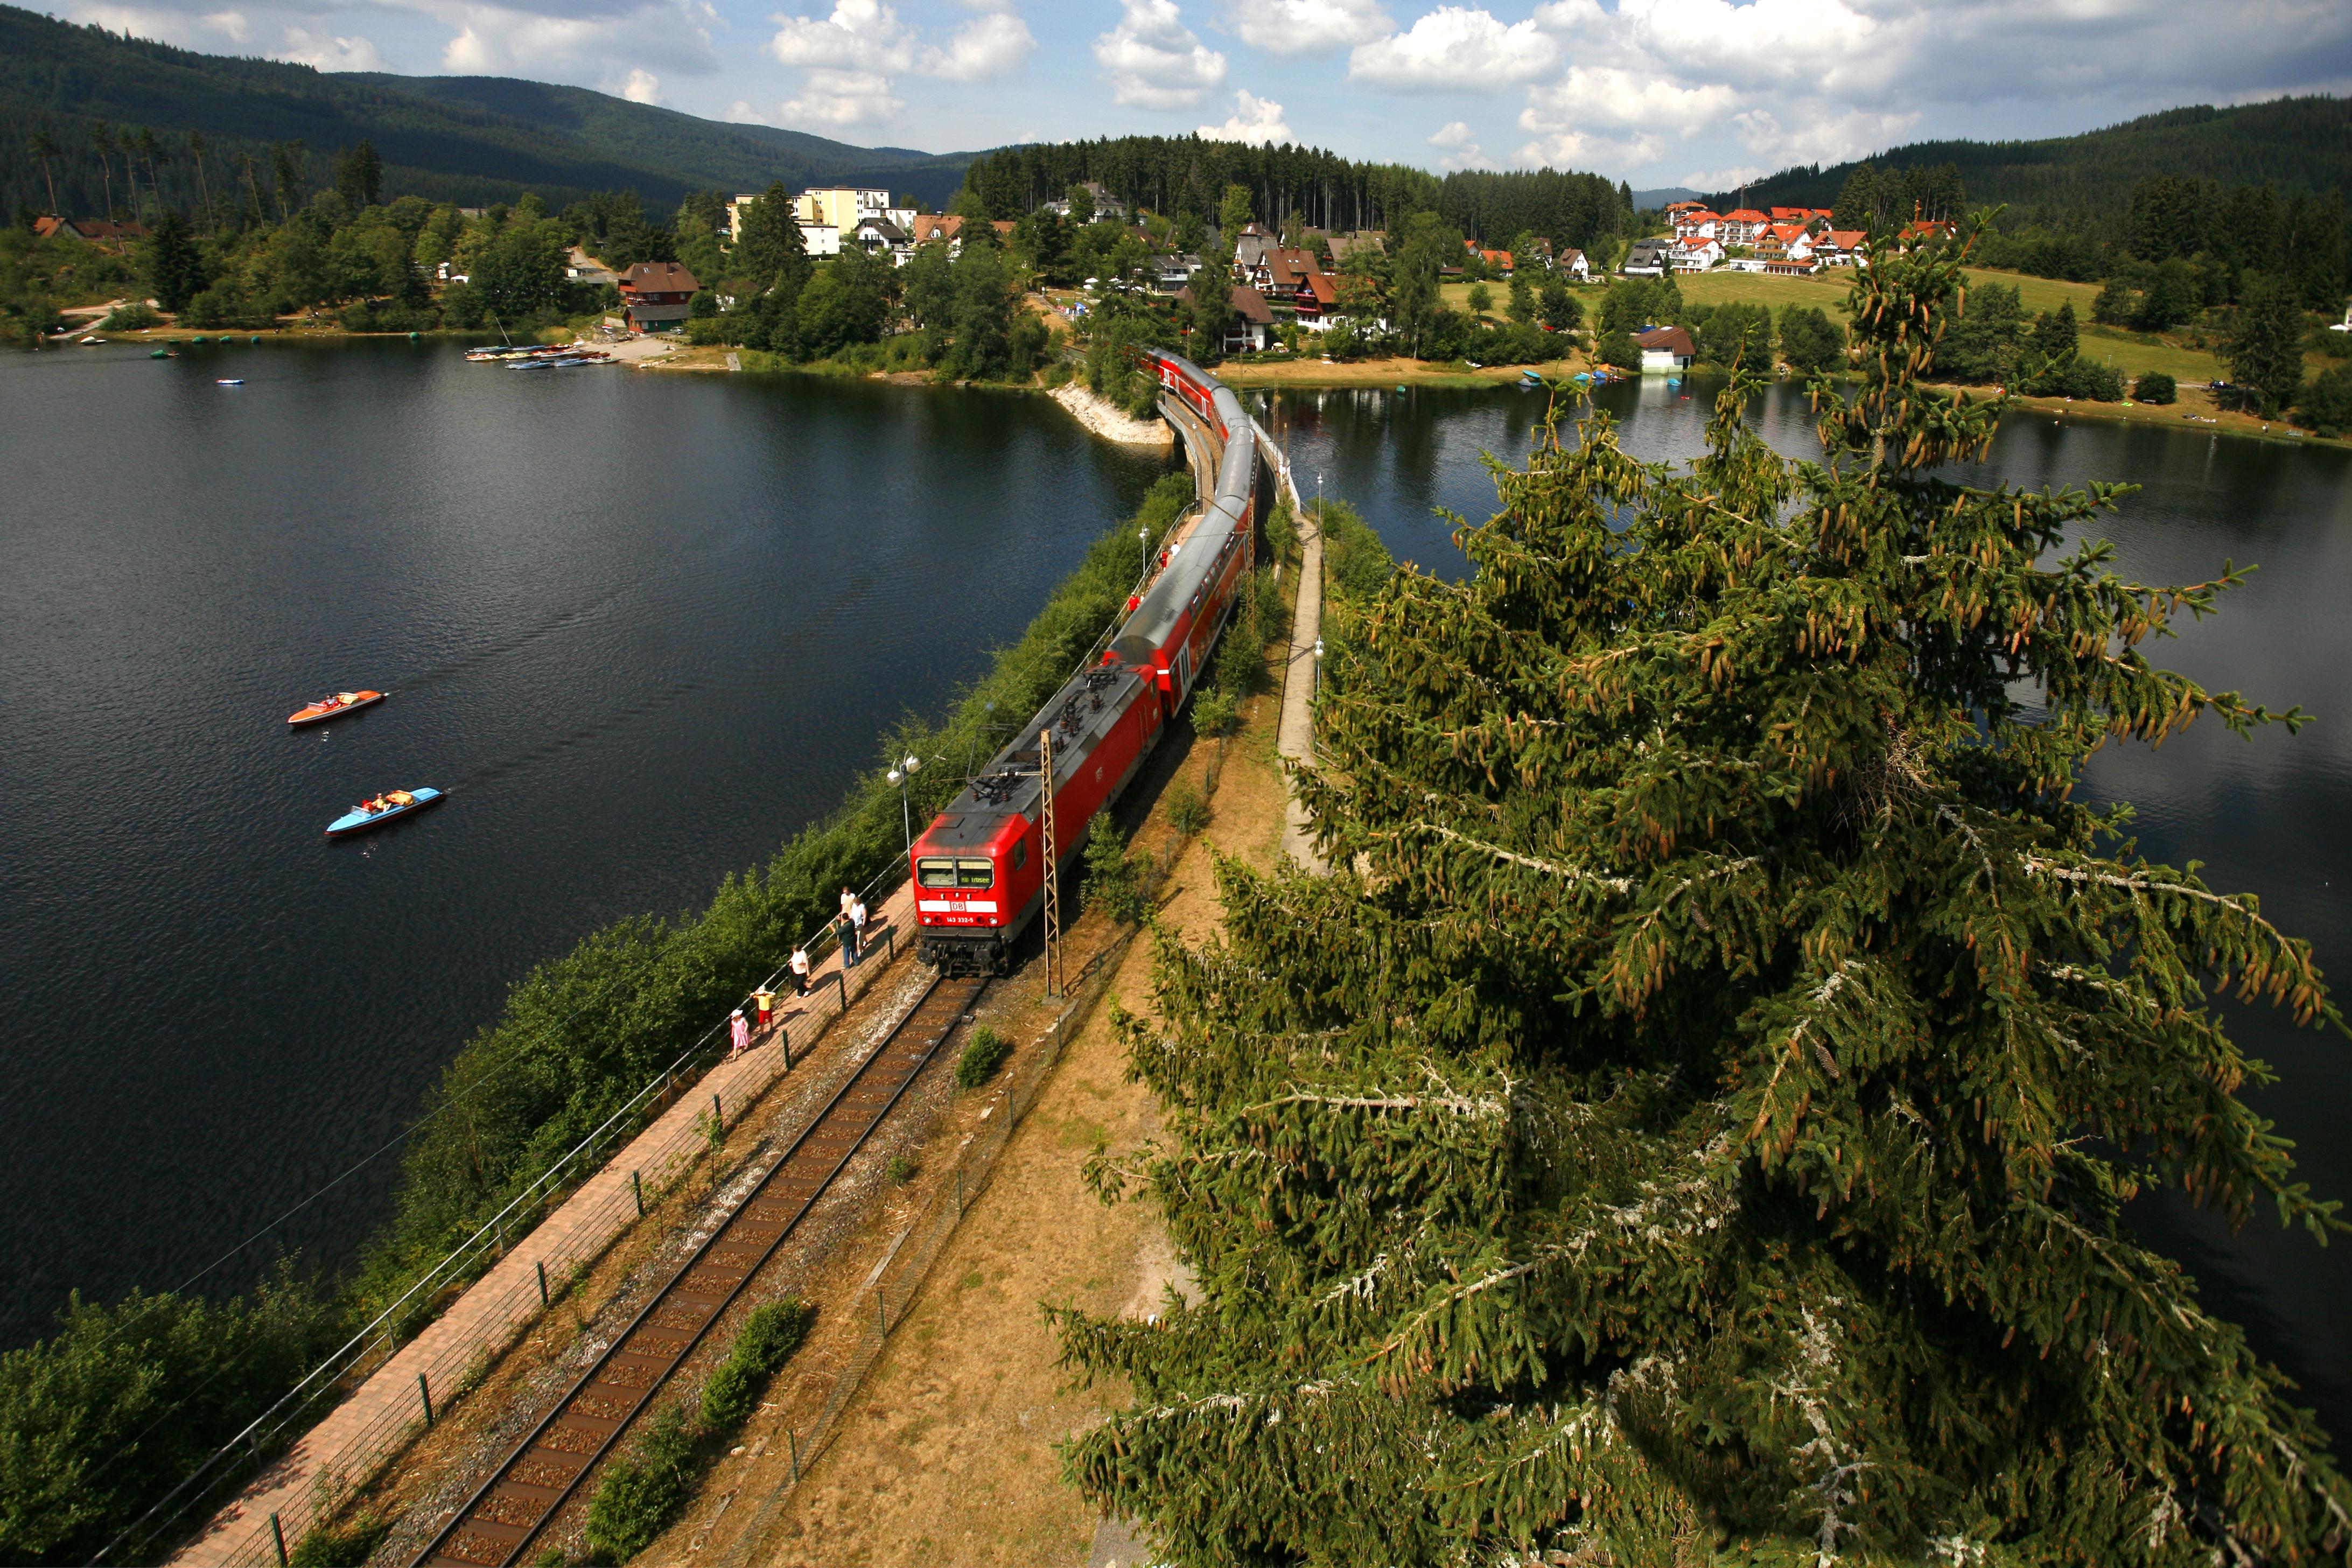 Schluchsee Dreiseenbahn